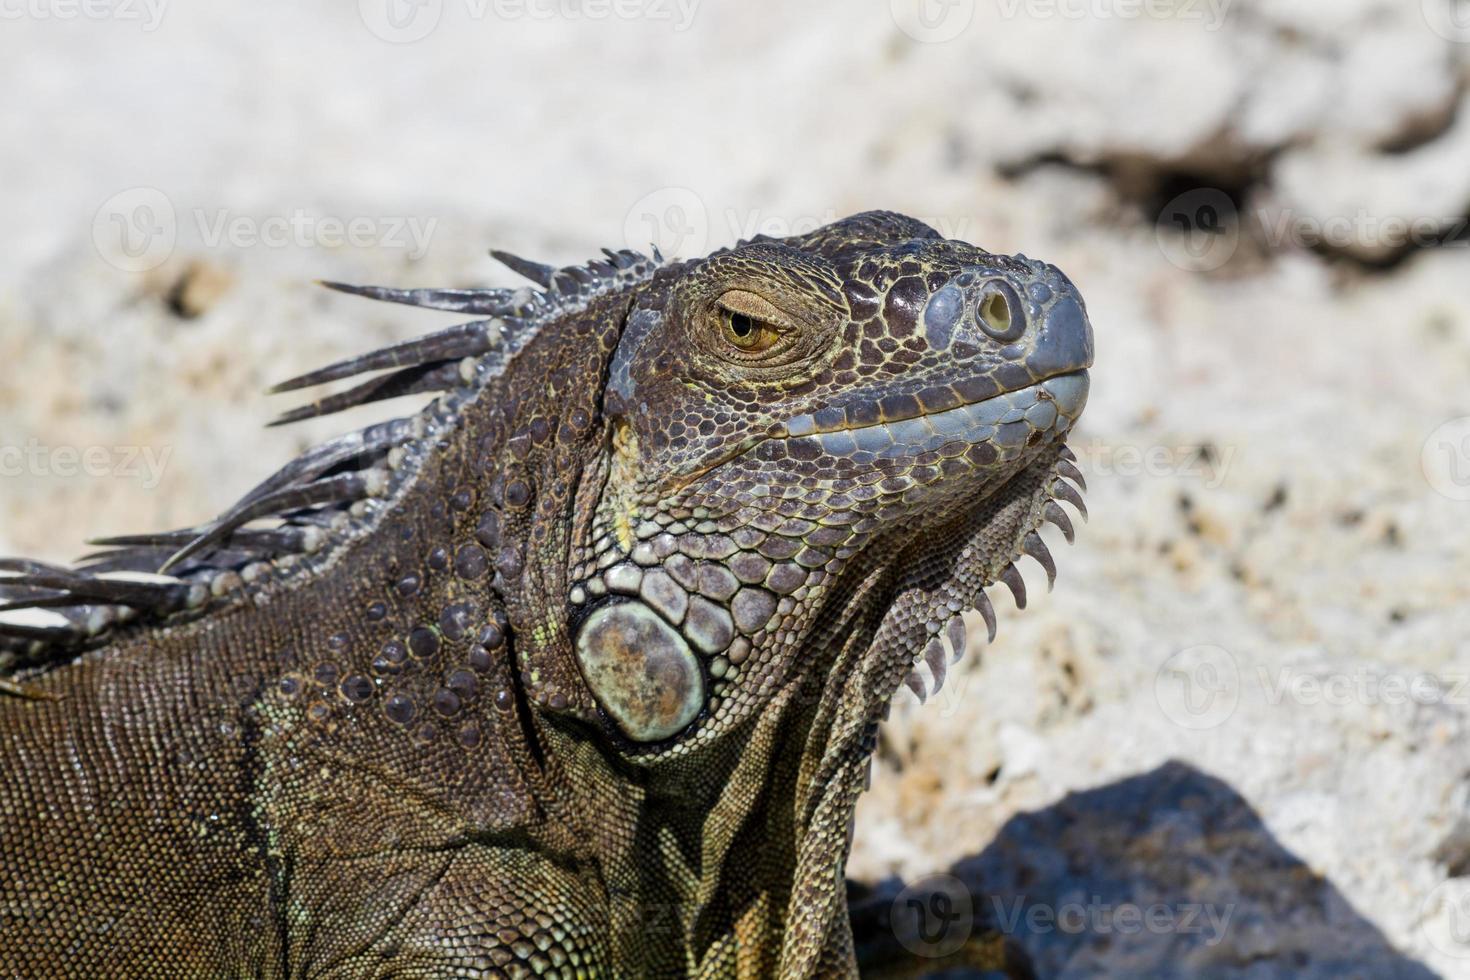 primer plano de una iguana mexicana foto